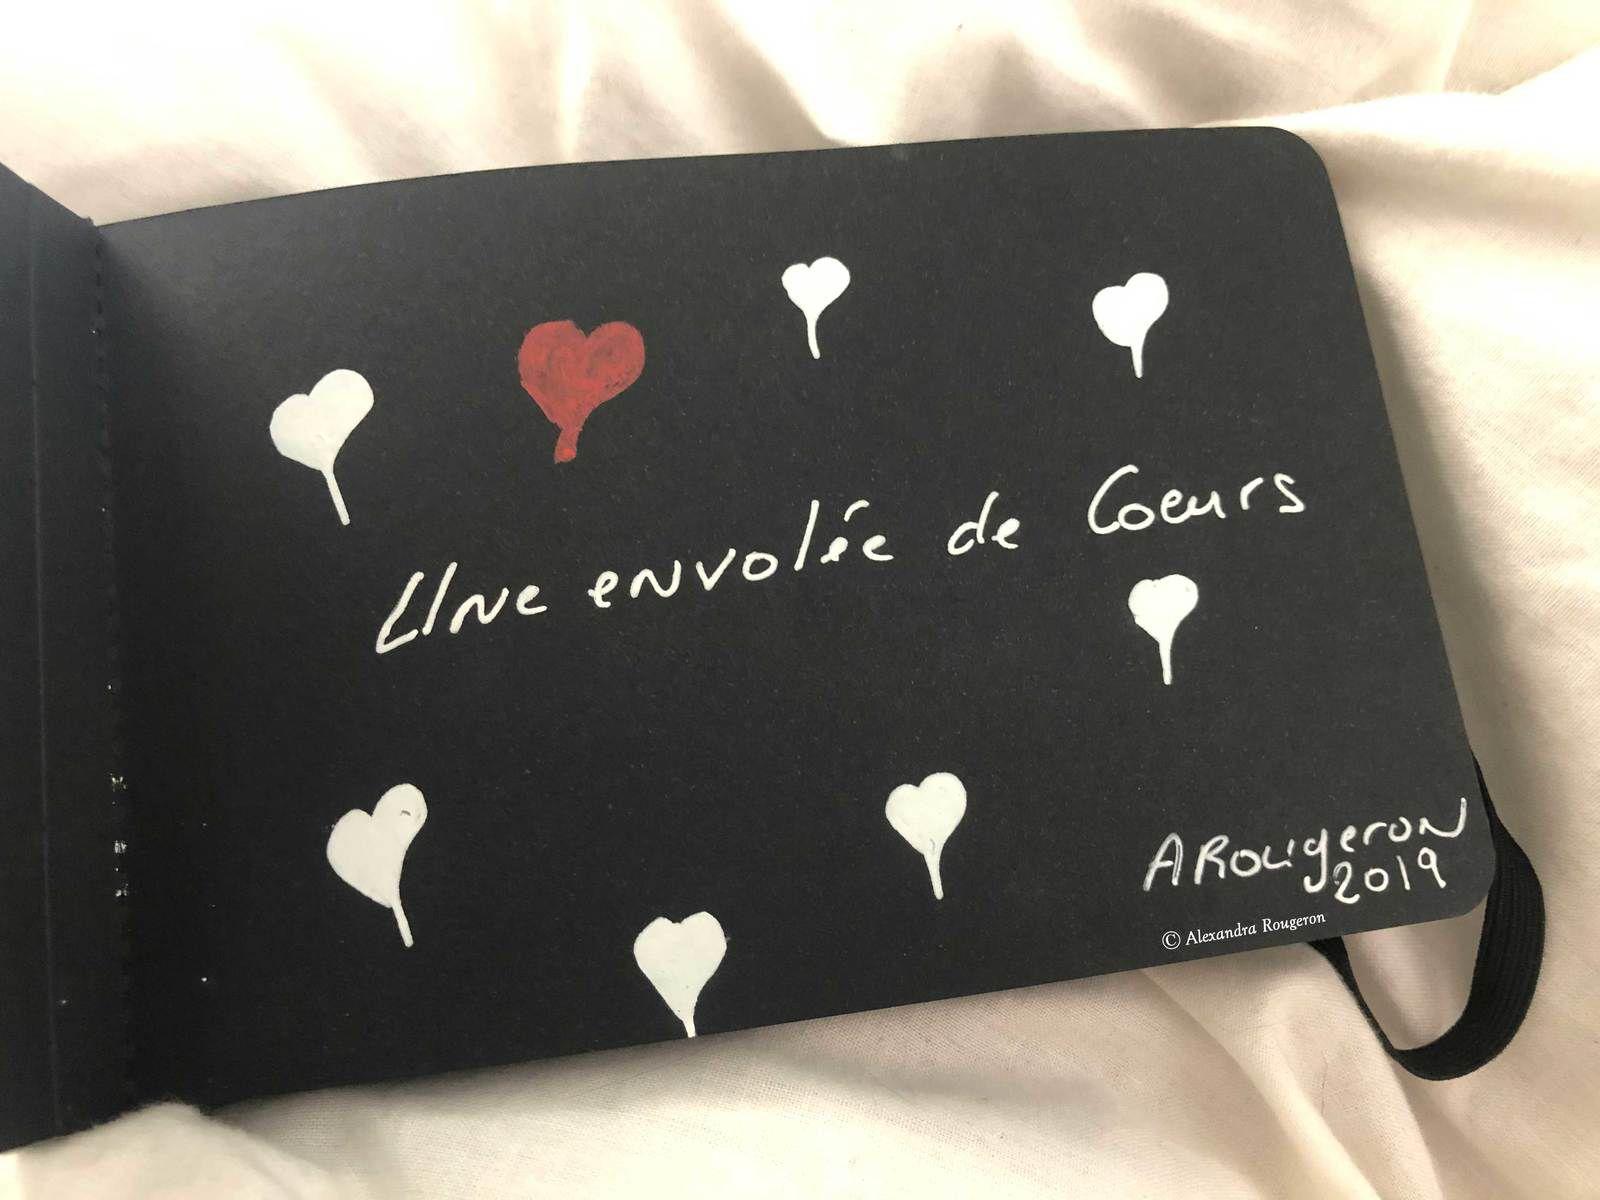 Une envolée de cœurs